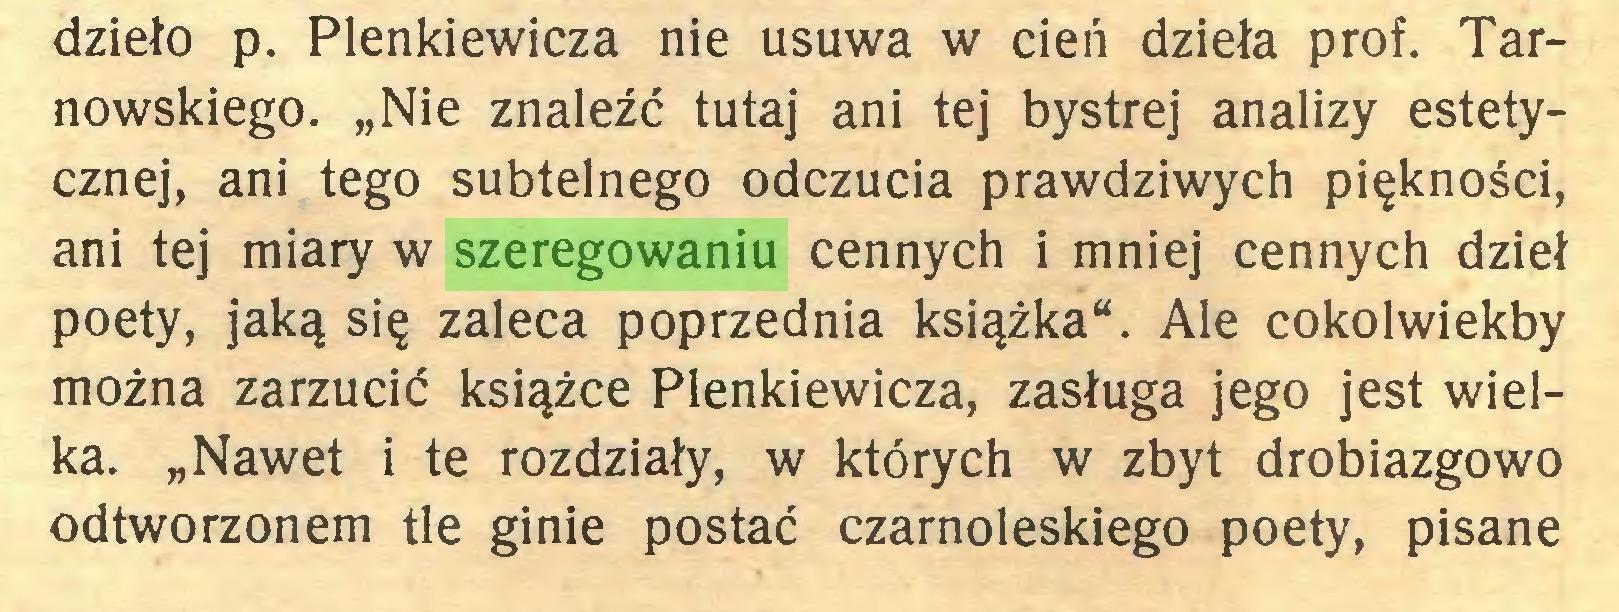 """(...) dzieło p. Plenkiewicza nie usuwa w cień dzieła prof. Tarnowskiego. """"Nie znaleźć tutaj ani tej bystrej analizy estetycznej, ani tego subtelnego odczucia prawdziwych piękności, ani tej miary w szeregowaniu cennych i mniej cennych dzieł poety, jaką się zaleca poprzednia książka"""". Ale cokolwiekby można zarzucić książce Plenkiewicza, zasługa jego jest wielka. """"Nawet i te rozdziały, w których w zbyt drobiazgowo odtworzonem tle ginie postać czarnoleskiego poety, pisane..."""